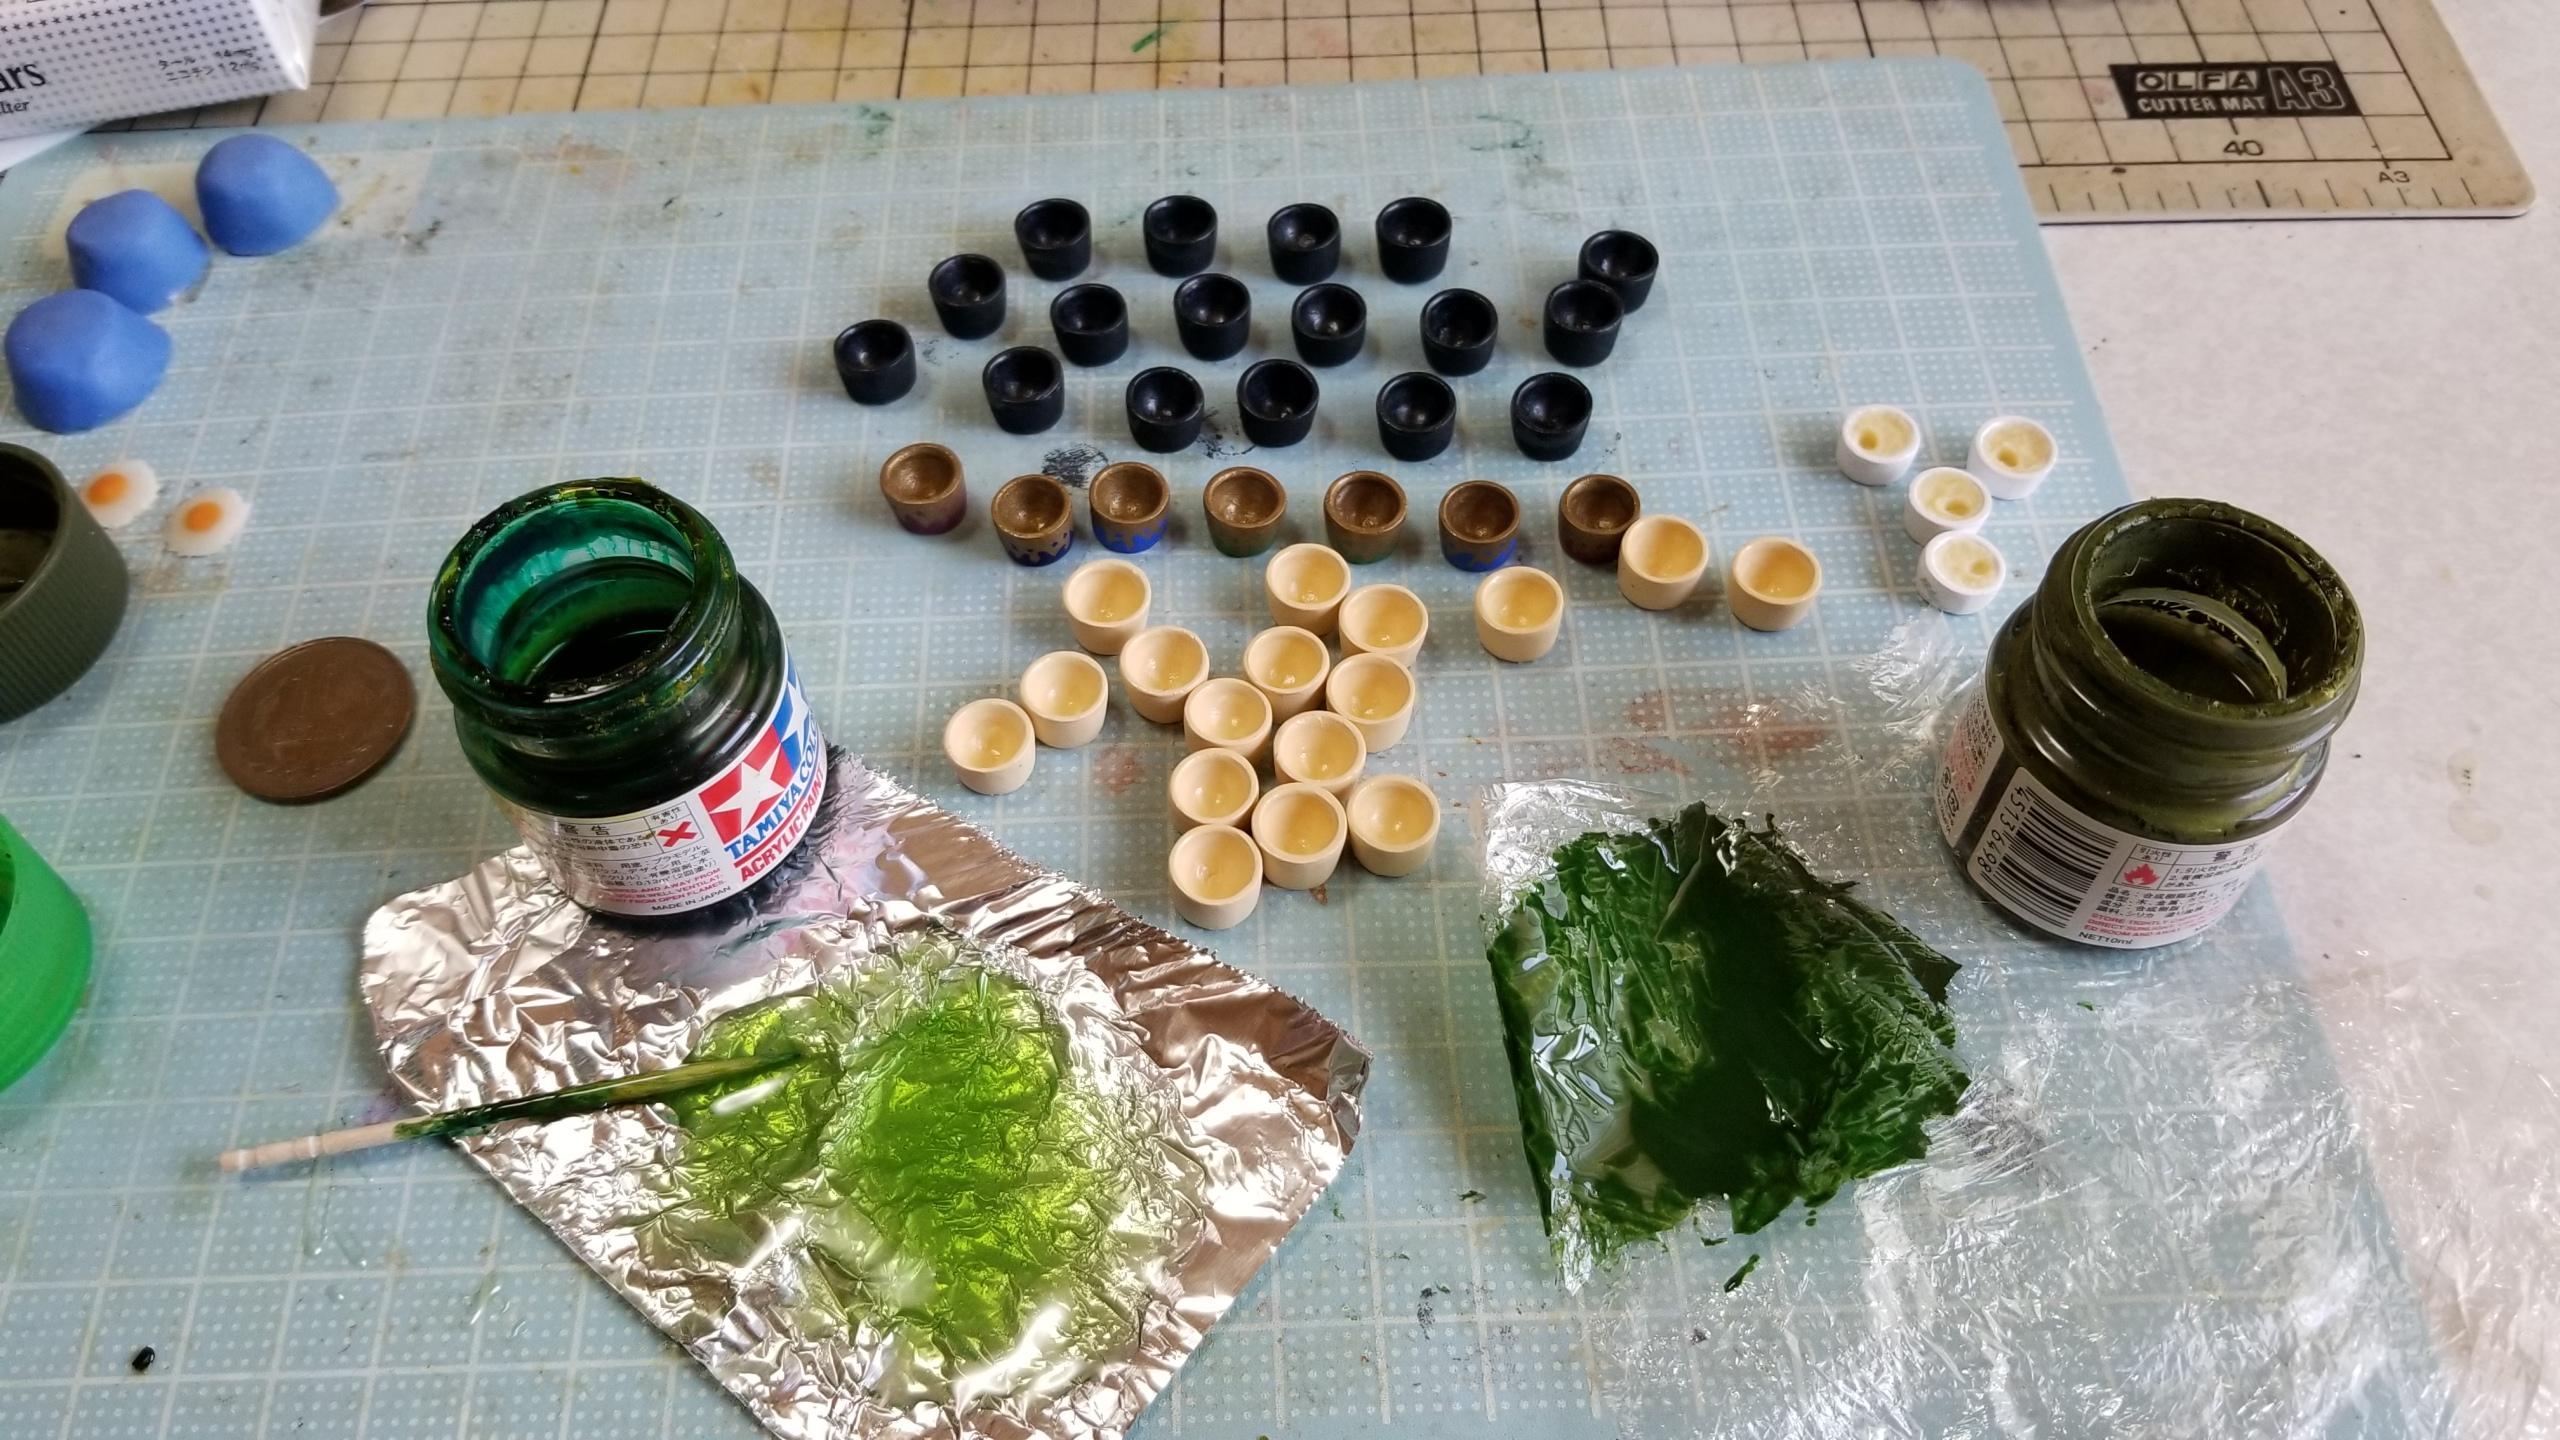 ミニチュアフード,抹茶,着色,色味,研究,作り方,実験,ドールハウス